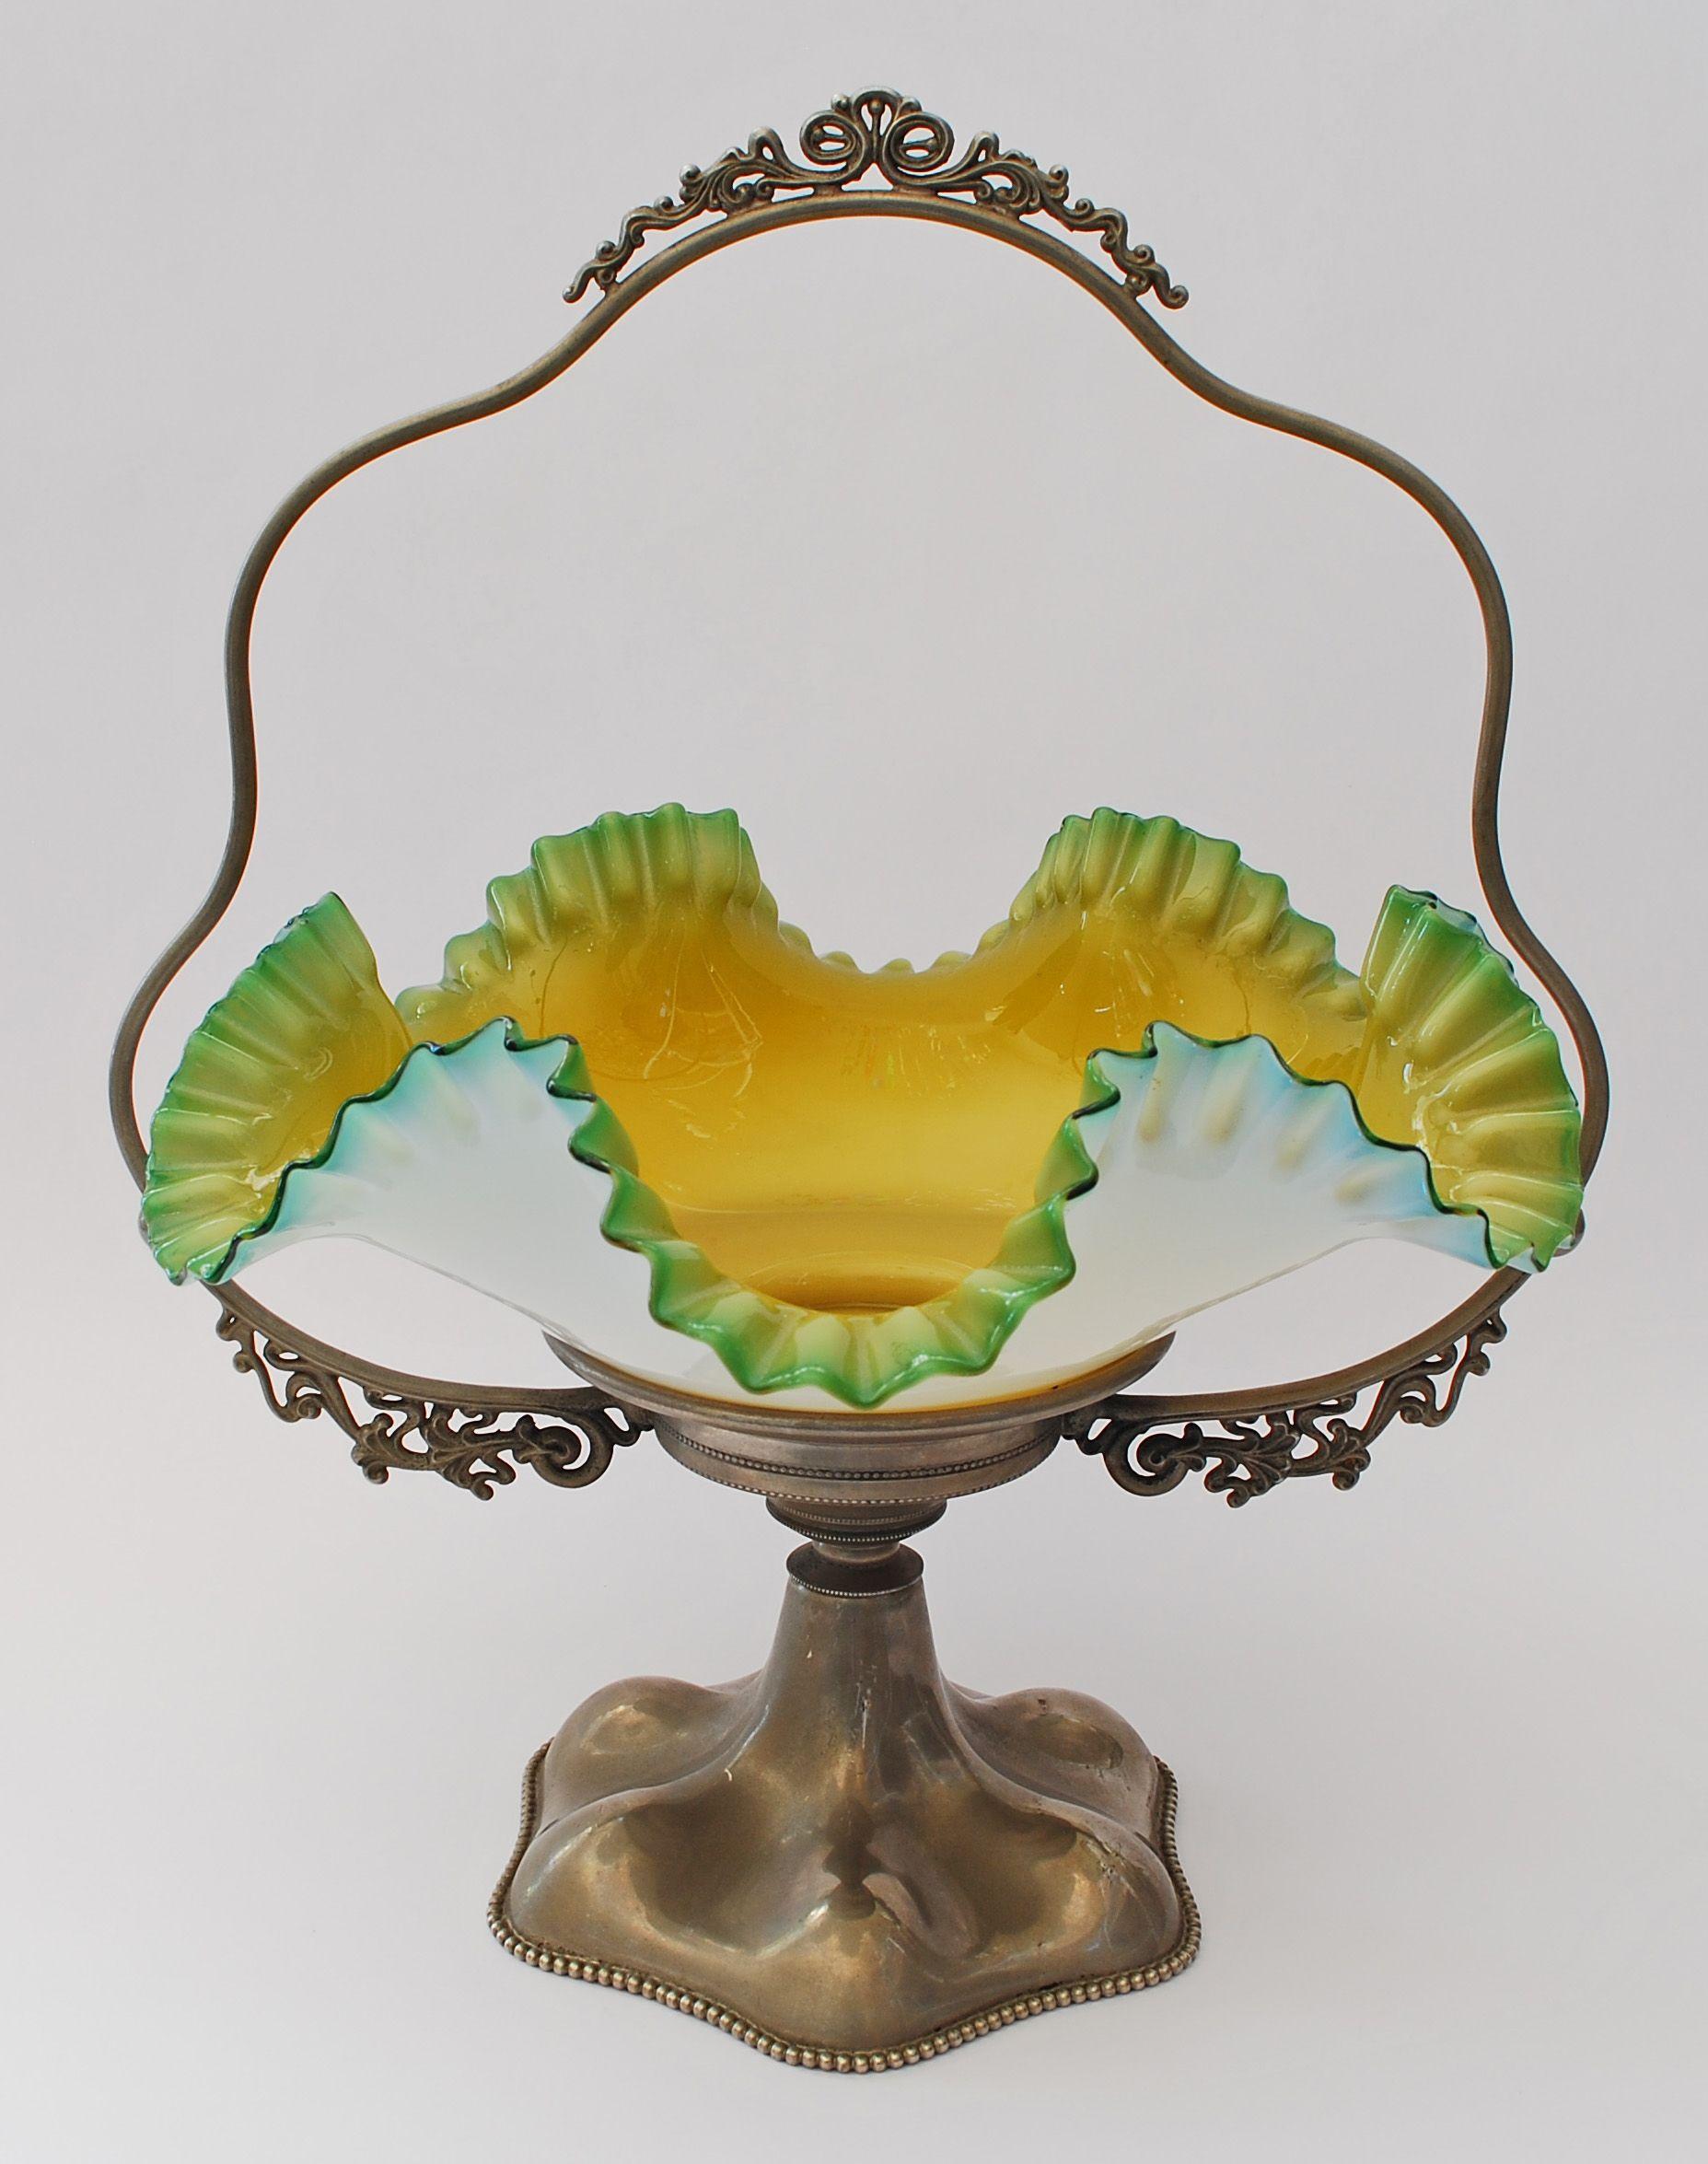 Brides basket cased glass bowl with metal holder c1895